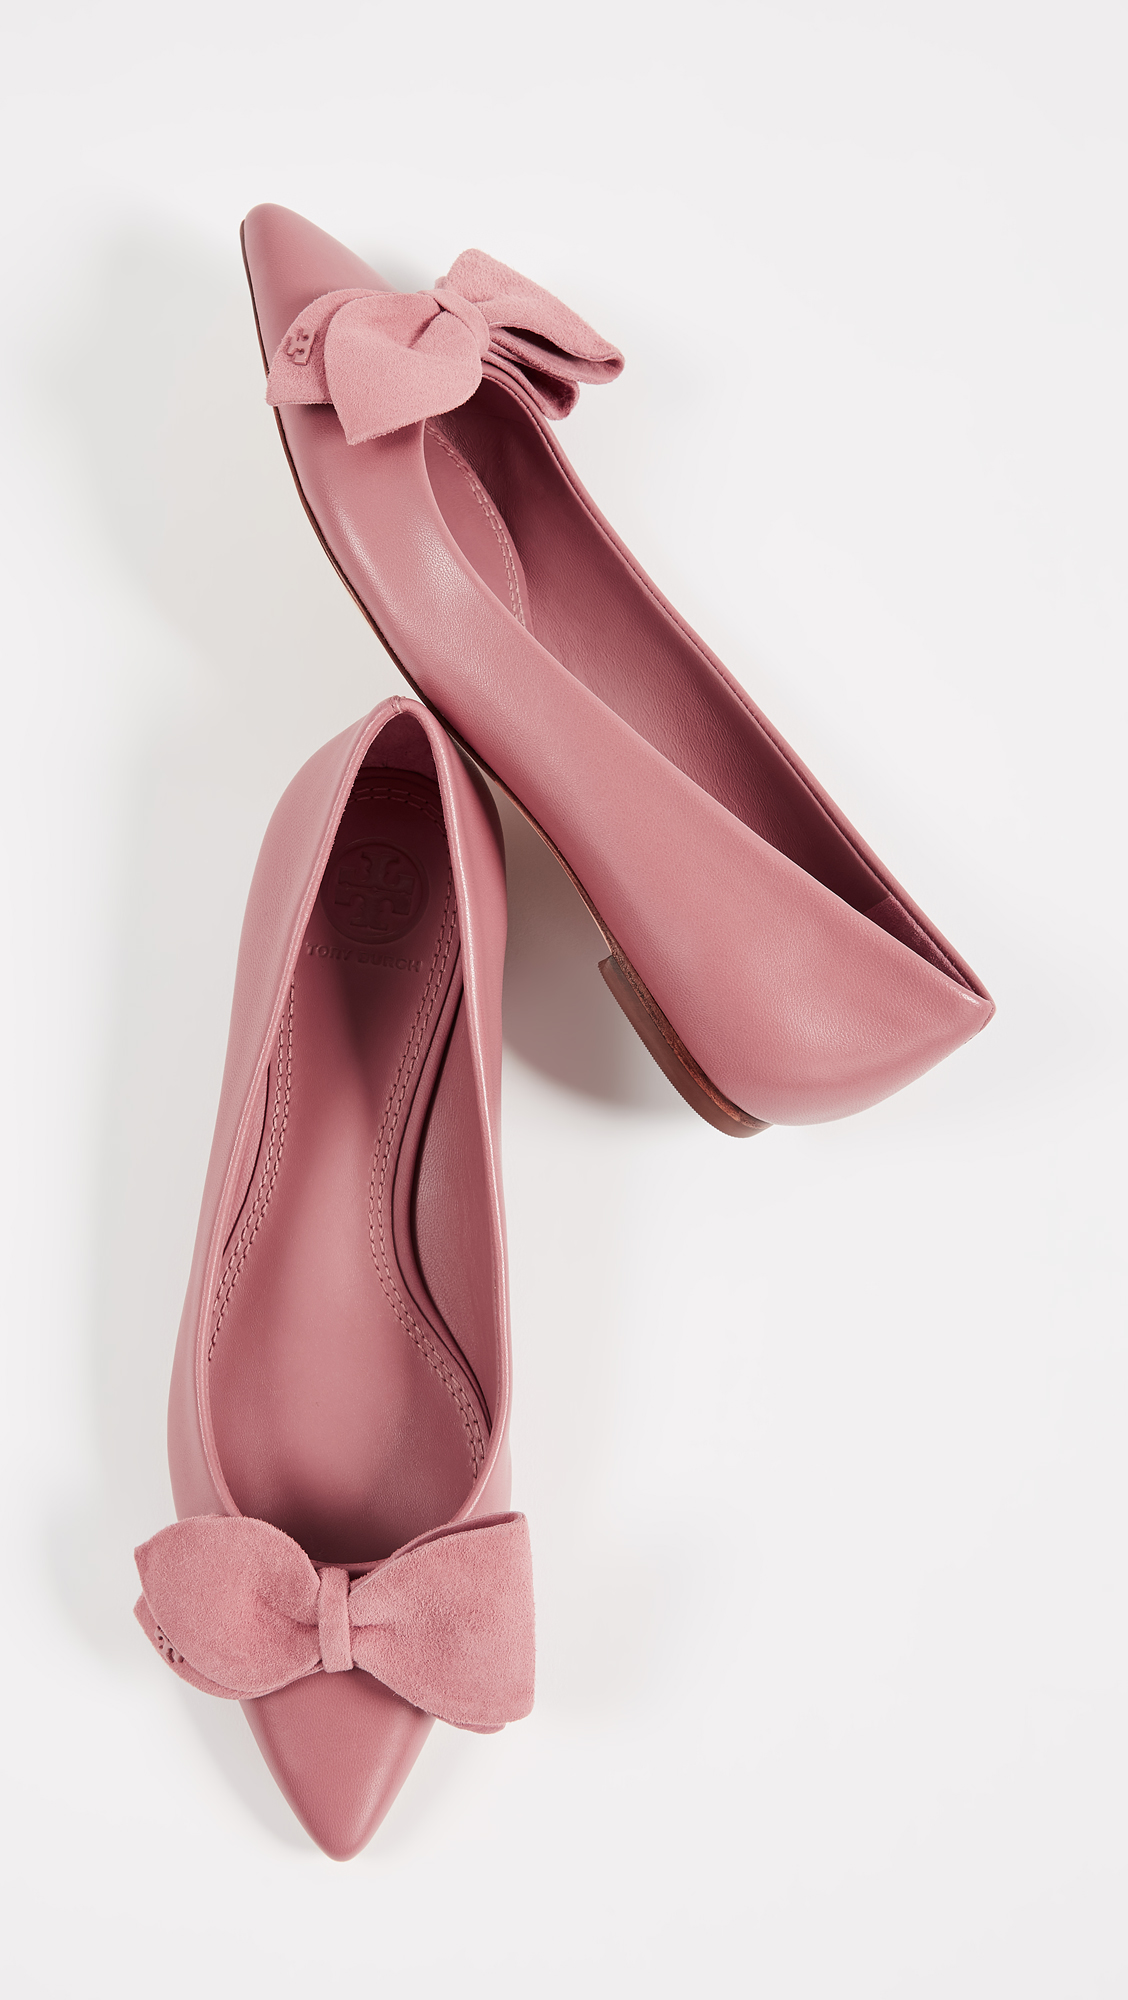 d970041ff316 Tory Burch Rosalind Ballet Flats